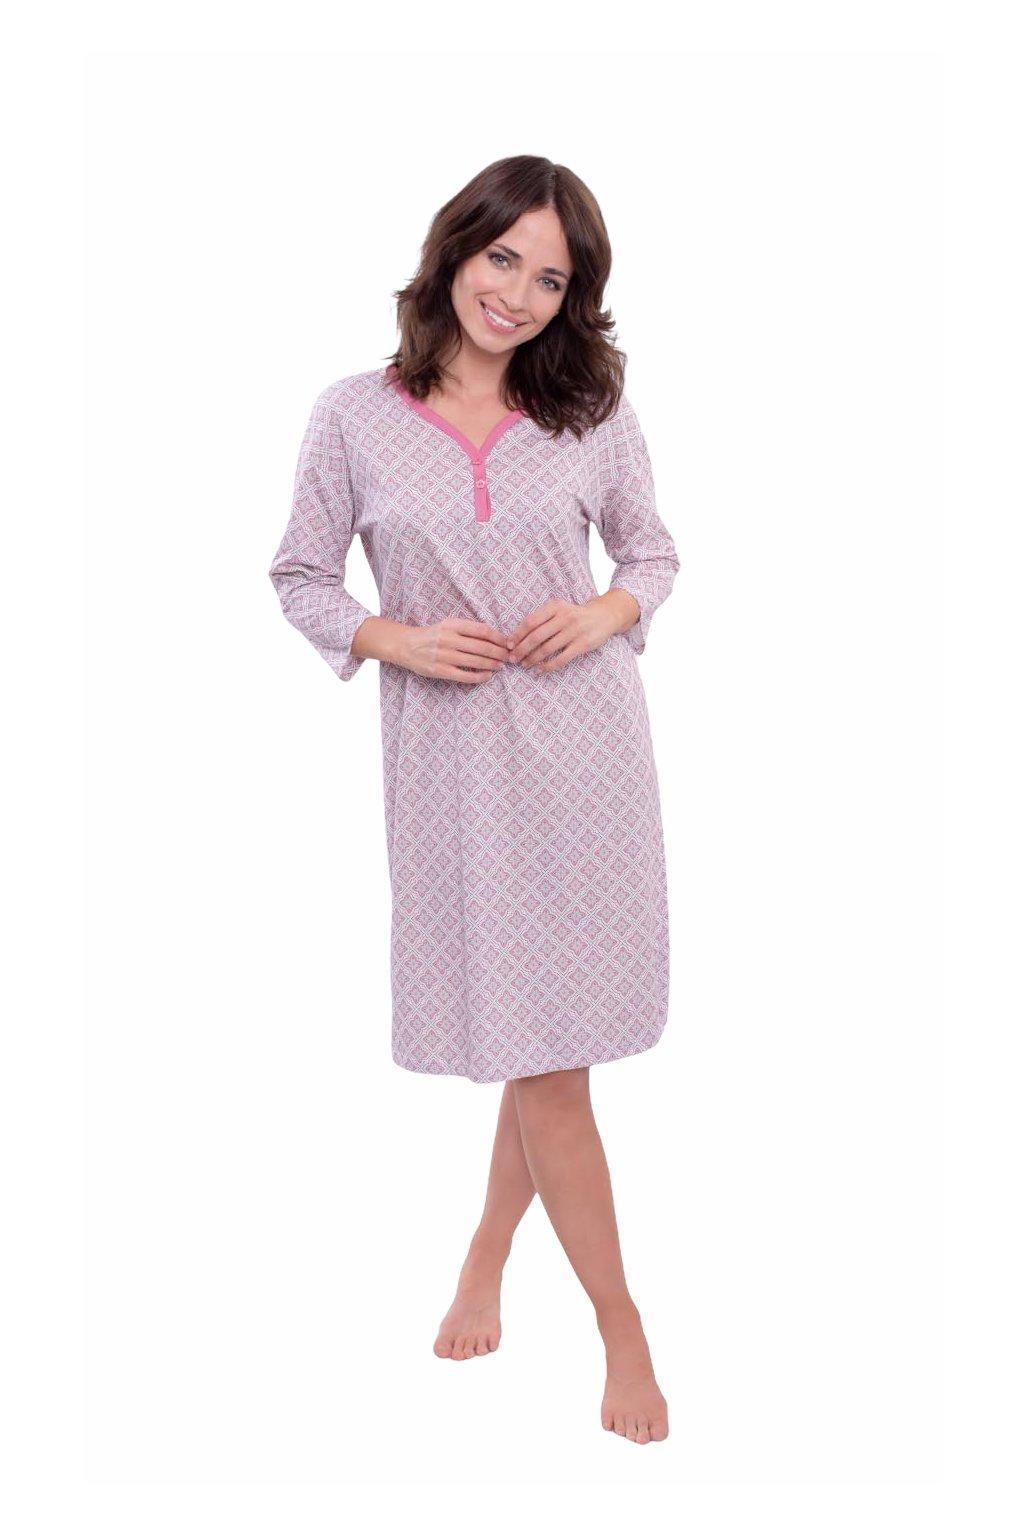 Dámská noční košile s 3/4 rukávem, 104568 488, růžová